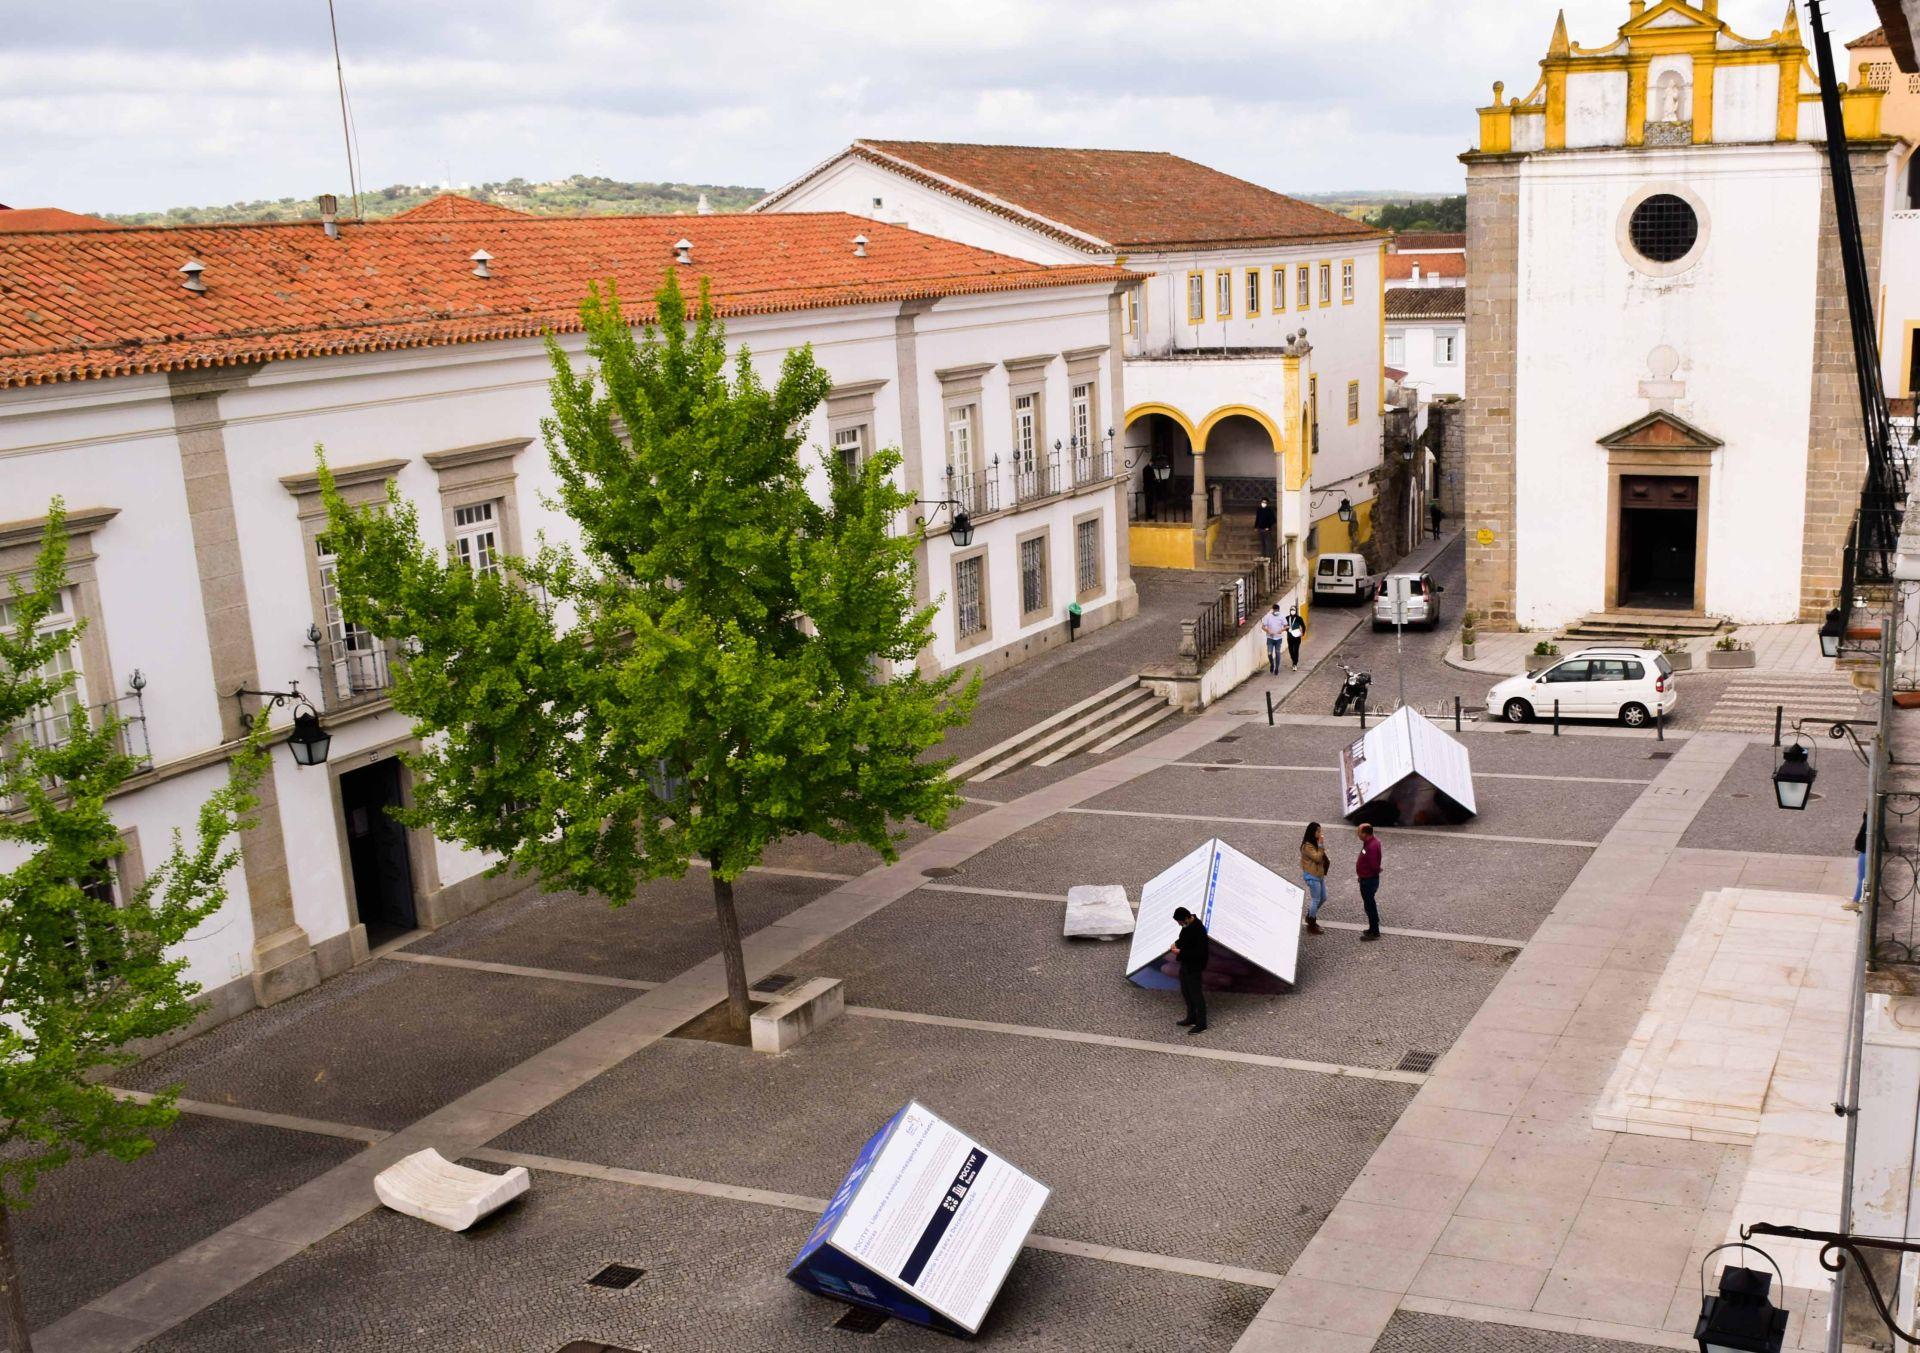 (Português) Exposição '1º Encontro, Évora Cidade Educadora' até 15 de abril na Praça de Sertório